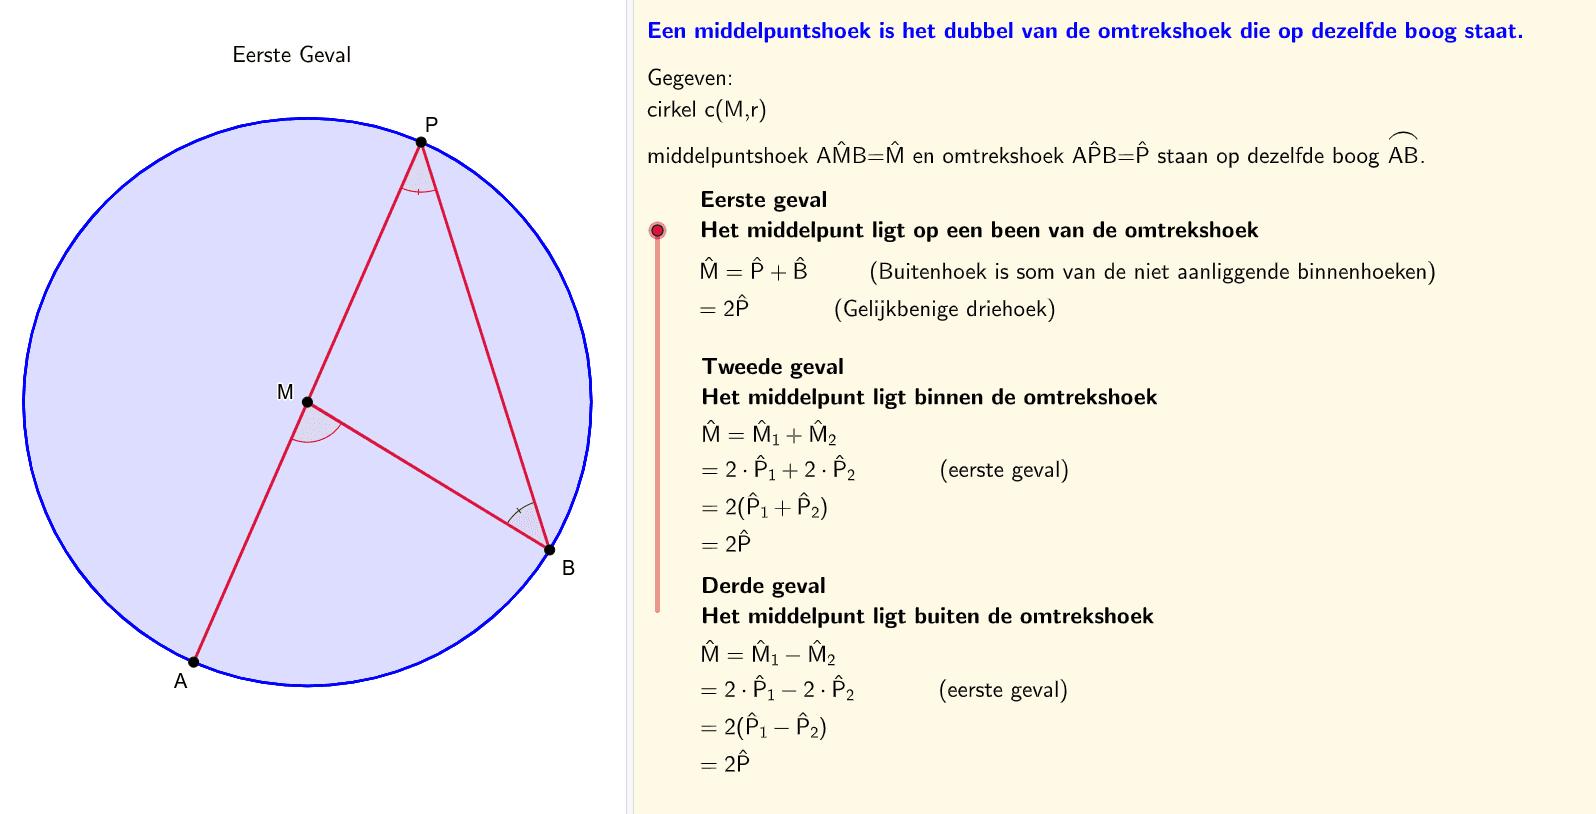 Eigenschap MH-OH  (Alternatieve formulering en bewijs) Klik op Enter om de activiteit te starten